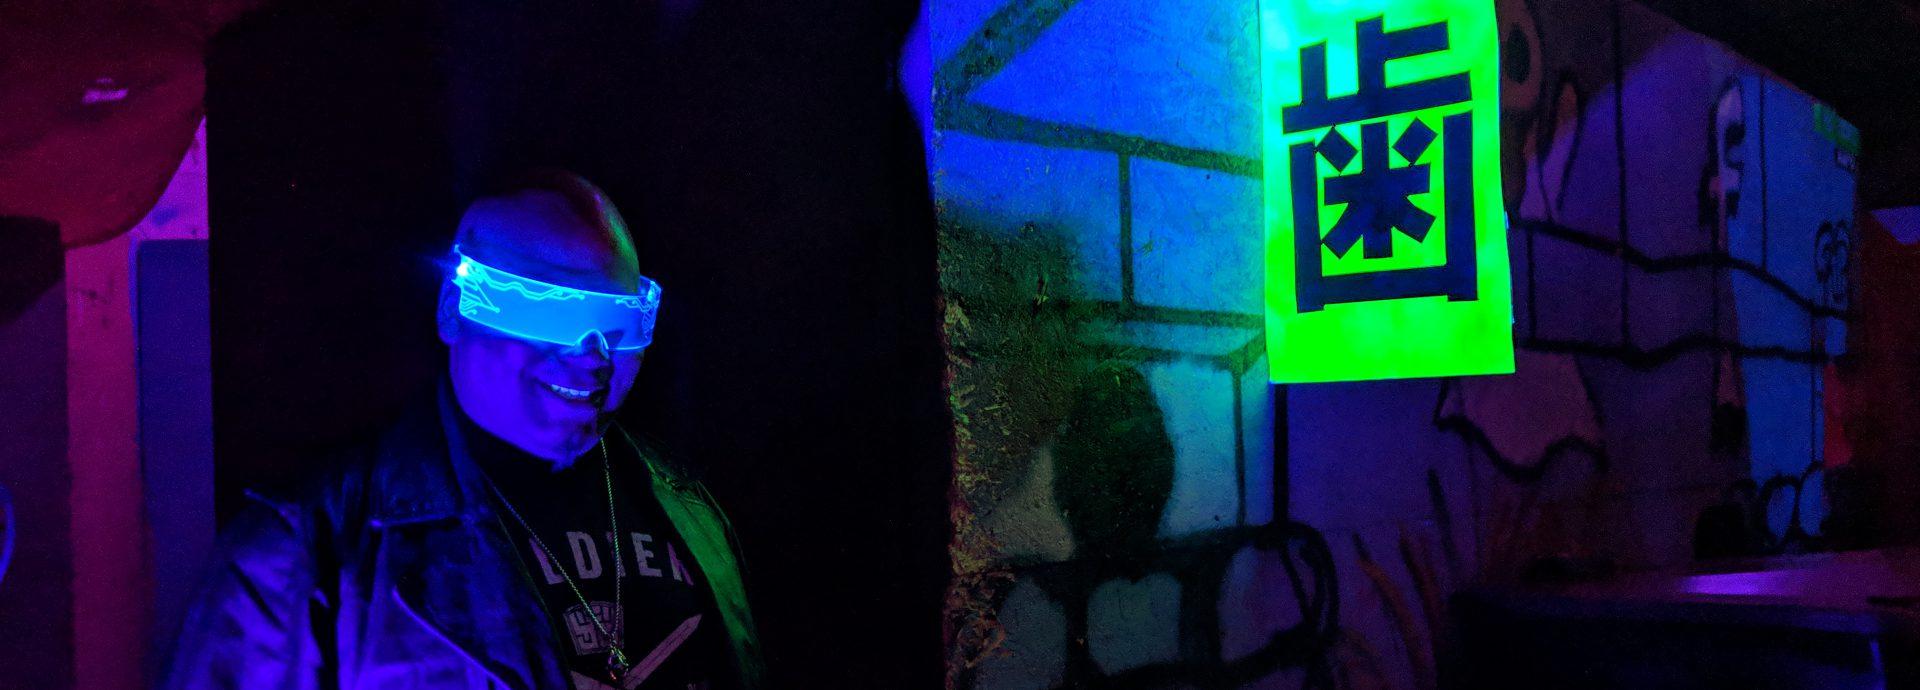 Cyberpunk: Night City